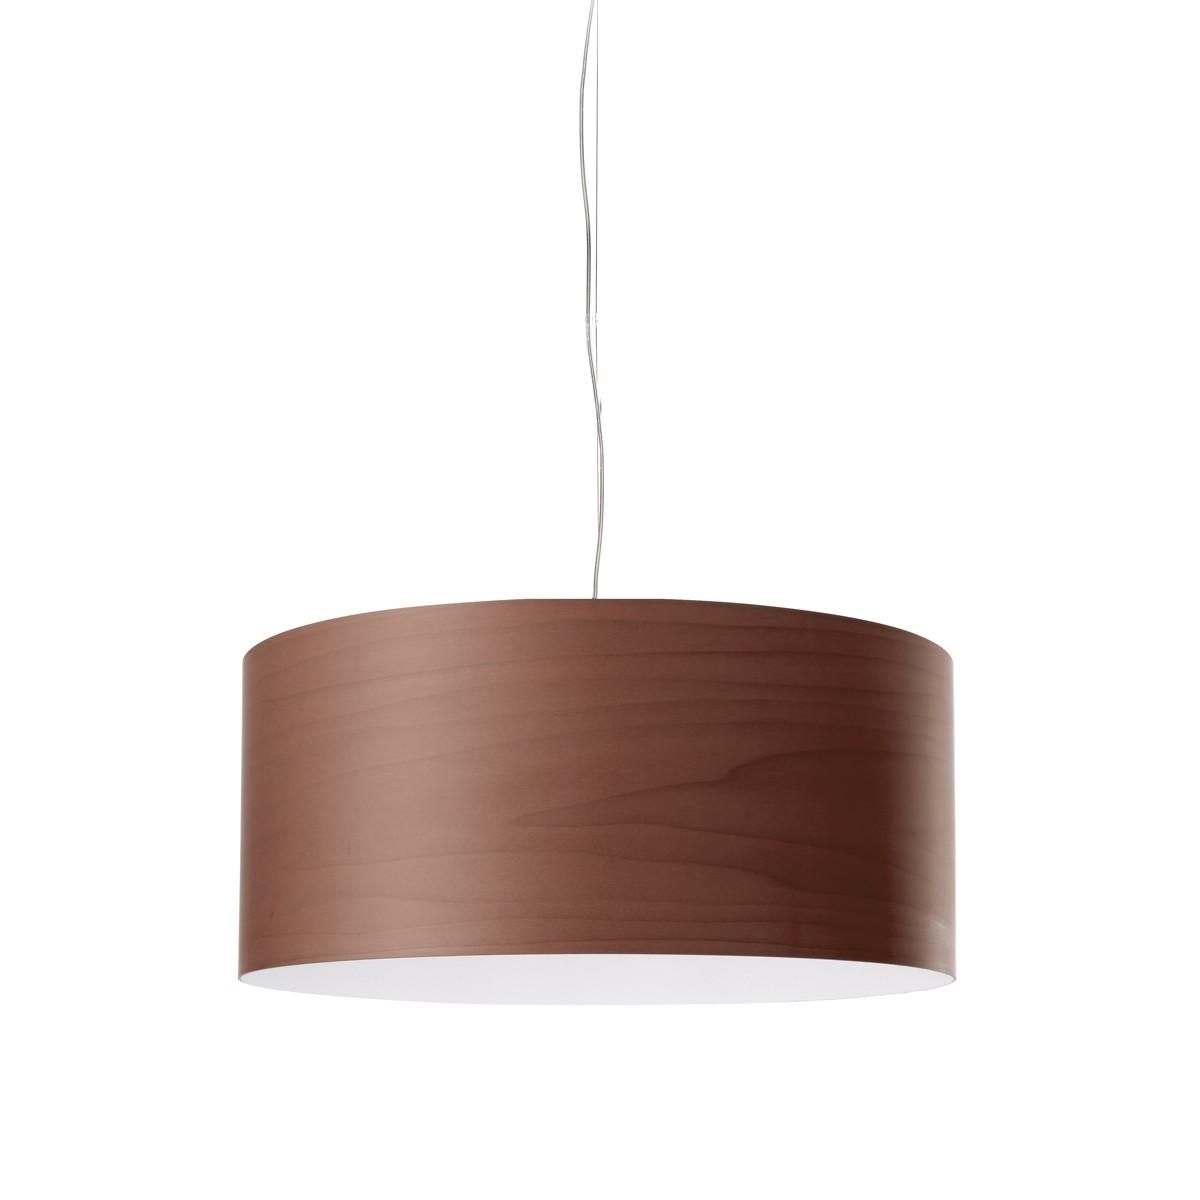 LZF Lamps Gea Small Pendelleuchte, schokolade